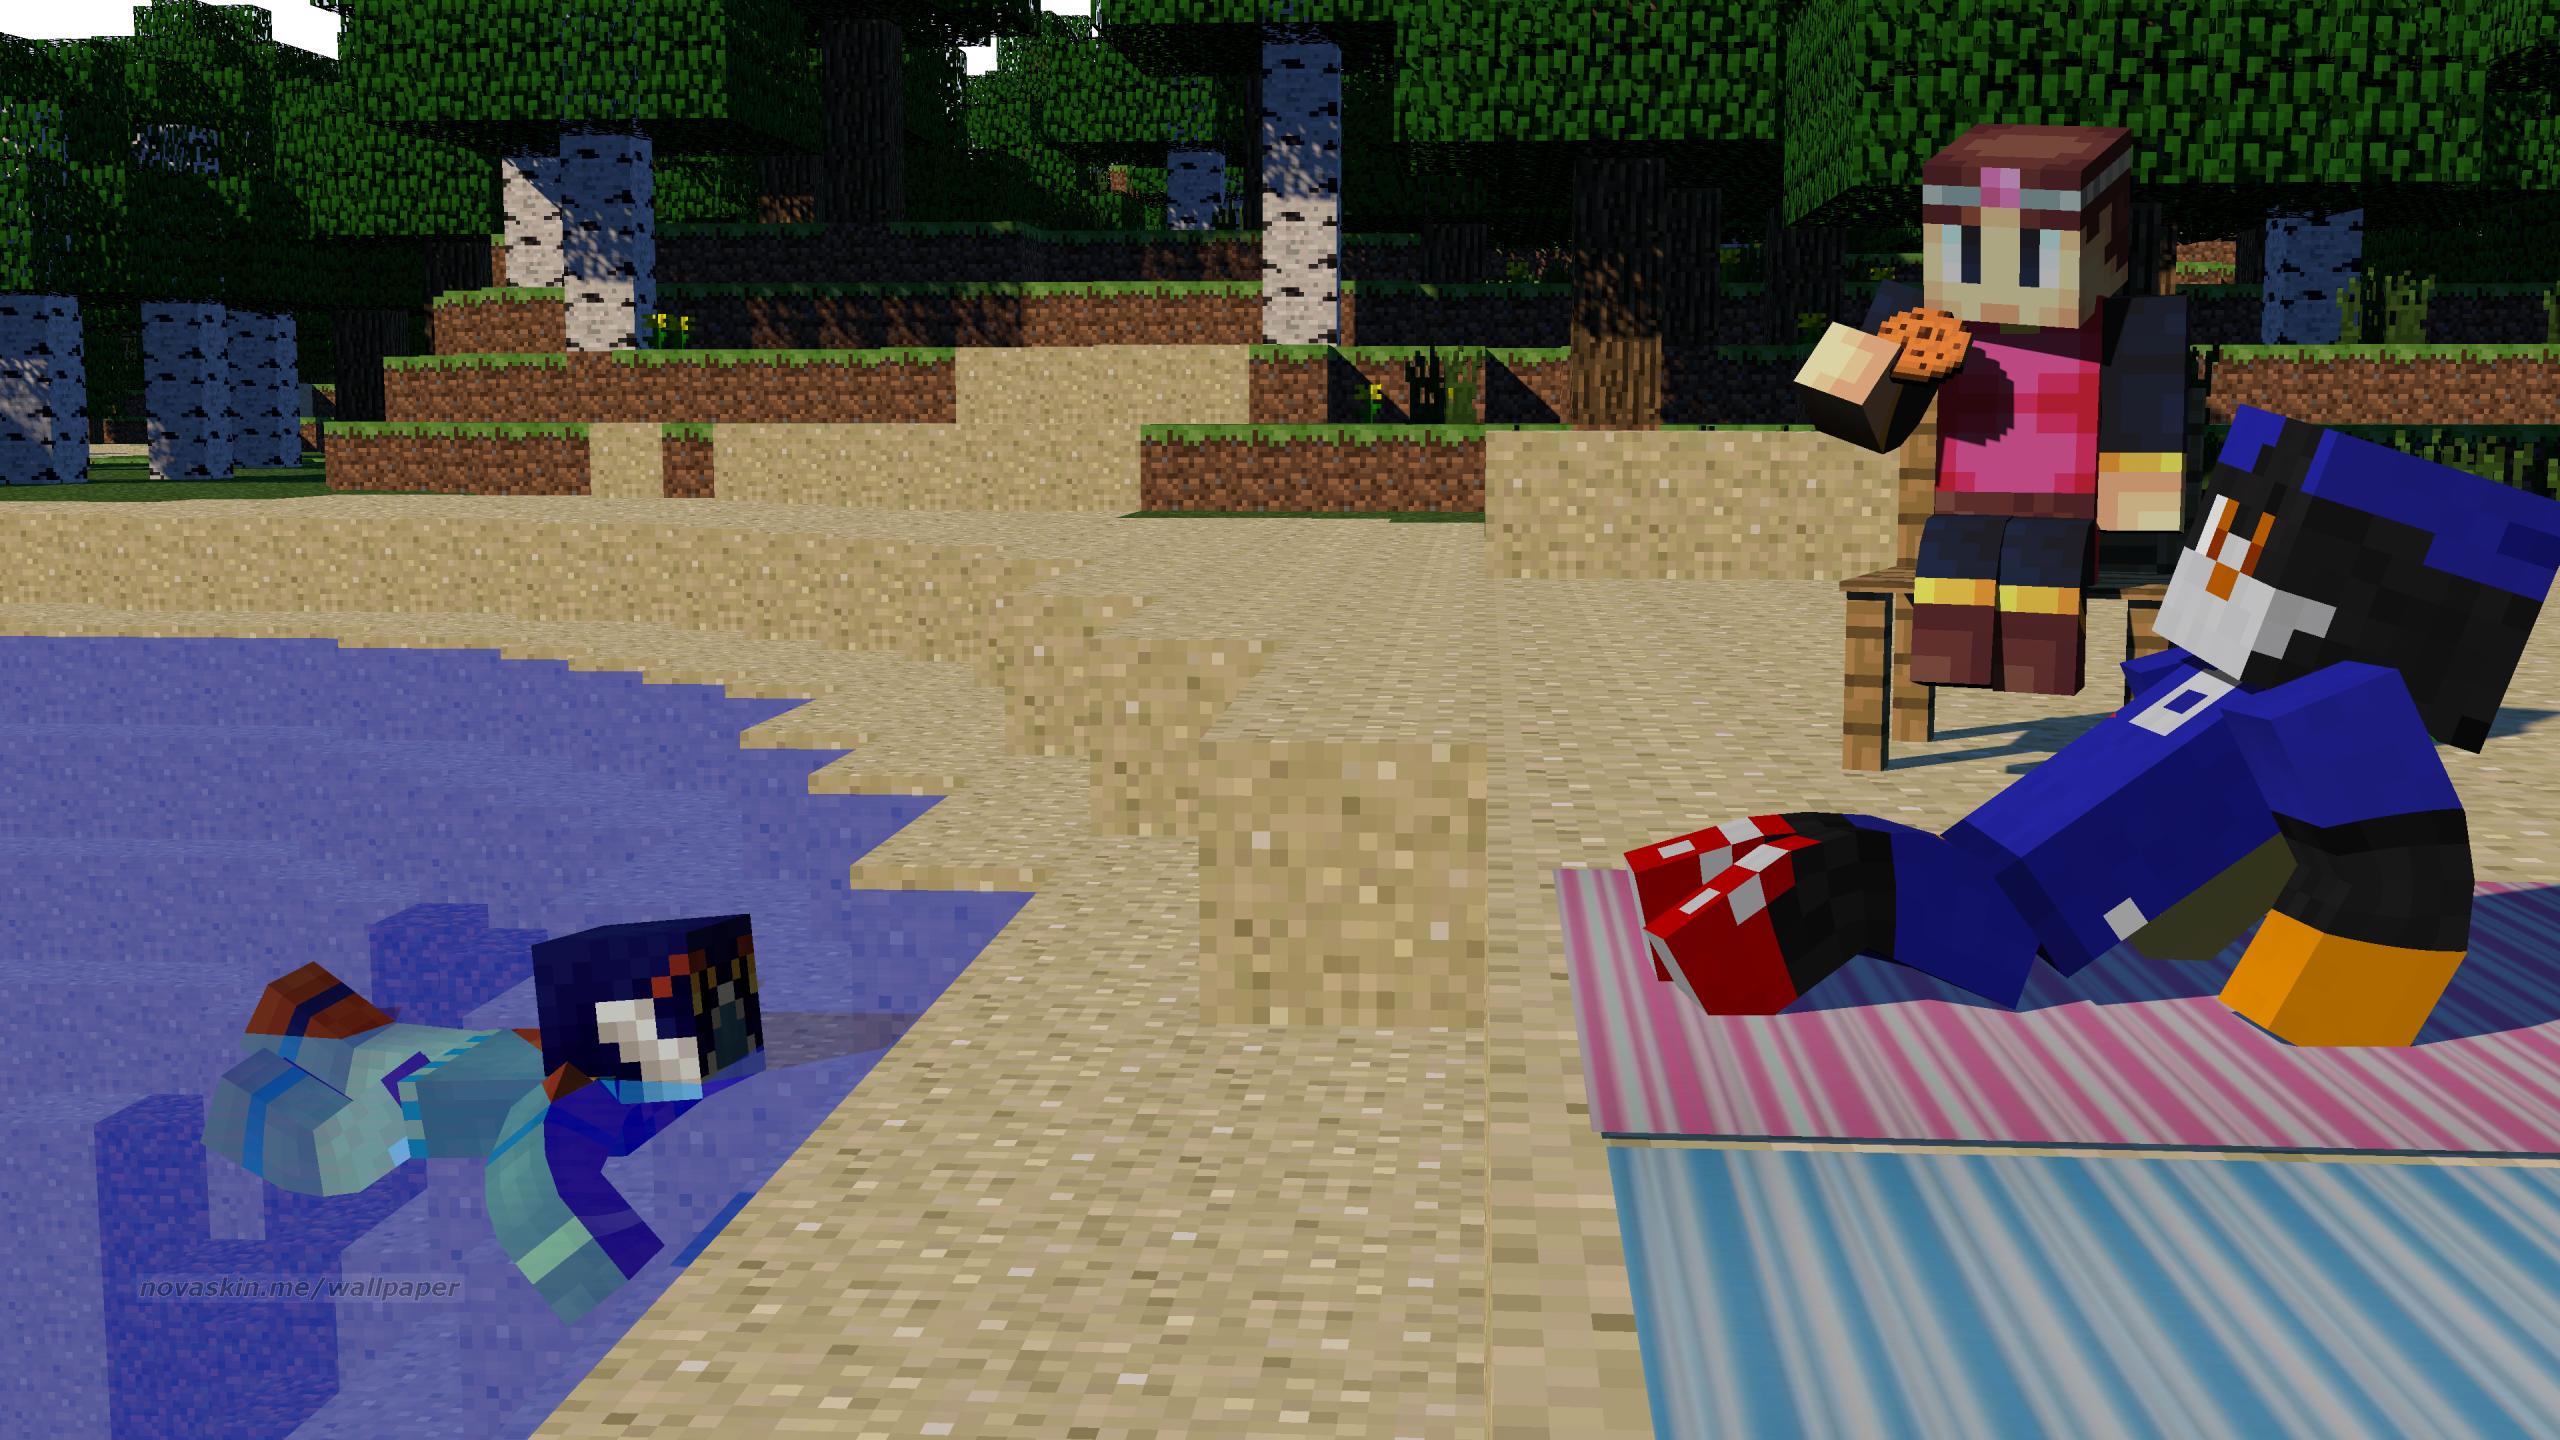 Summer In Minecraft Style By Dj Renday On Deviantart